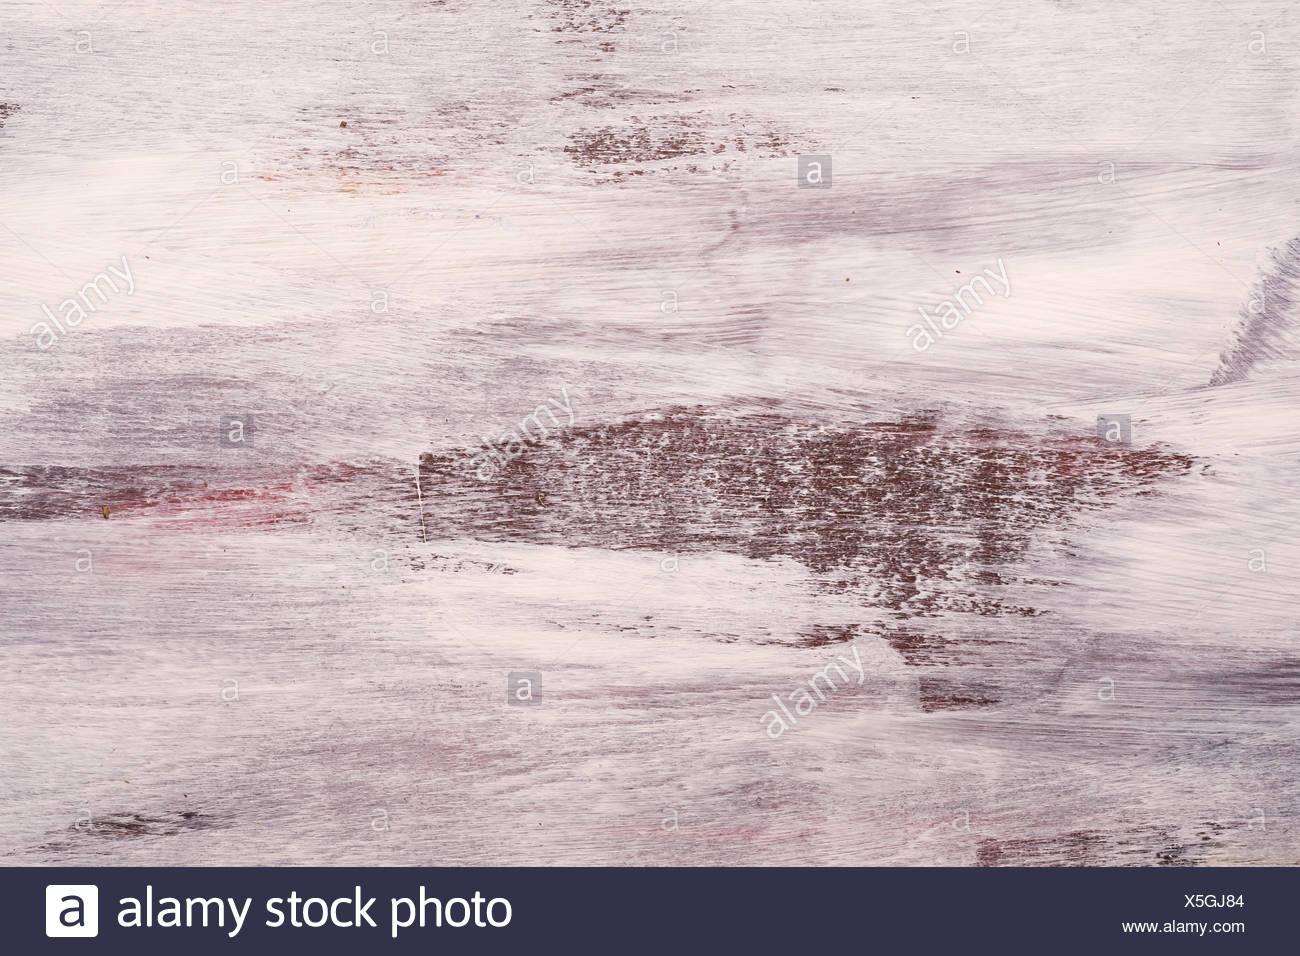 Abstrakt weiss und dunkel übermalte Pinselstriche als Detail - Stock Image